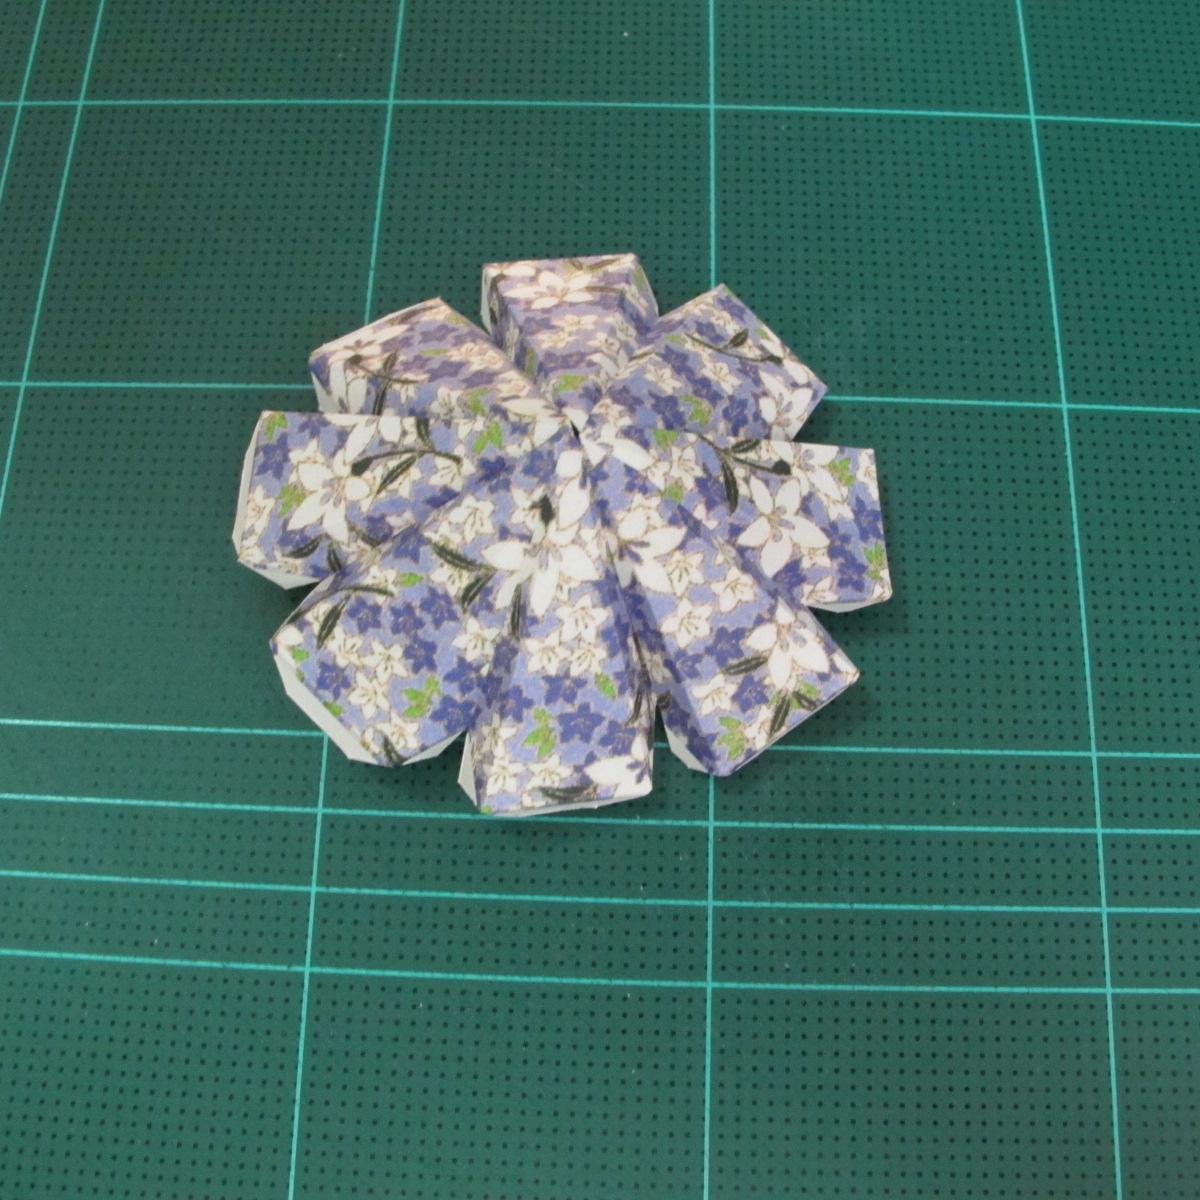 วิธีทำโมเดลกระดาษสำหรับตกแต่งทรงเรขาคณิต (Decor Geometry Papercraft Model) 004